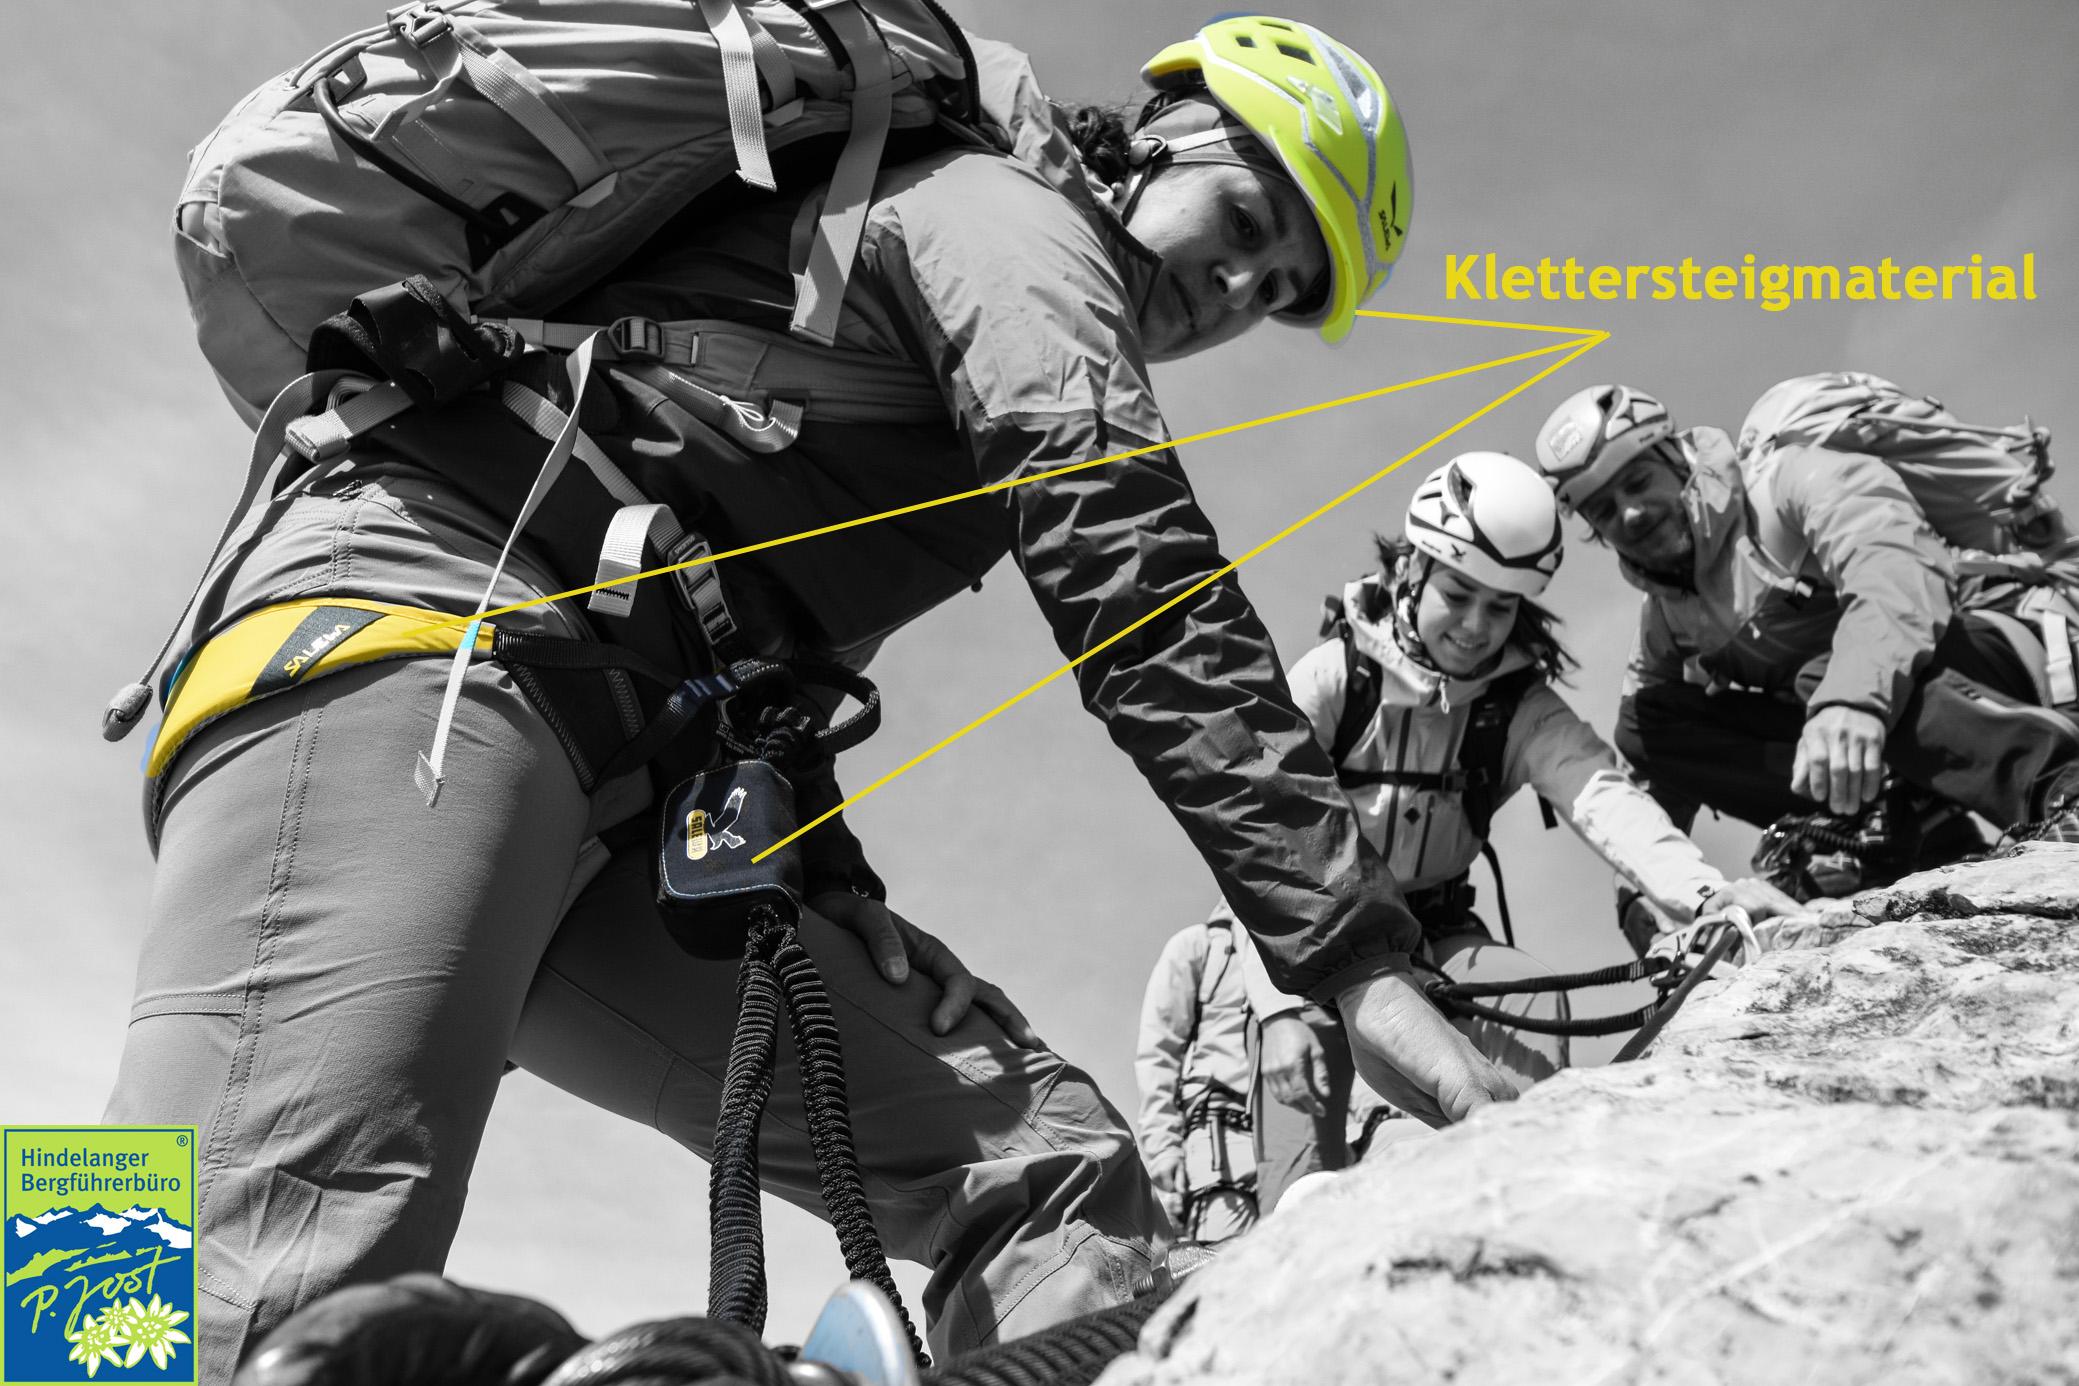 Klettersteigset Mit Gurt Verbinden : Sicherheit am klettersteig